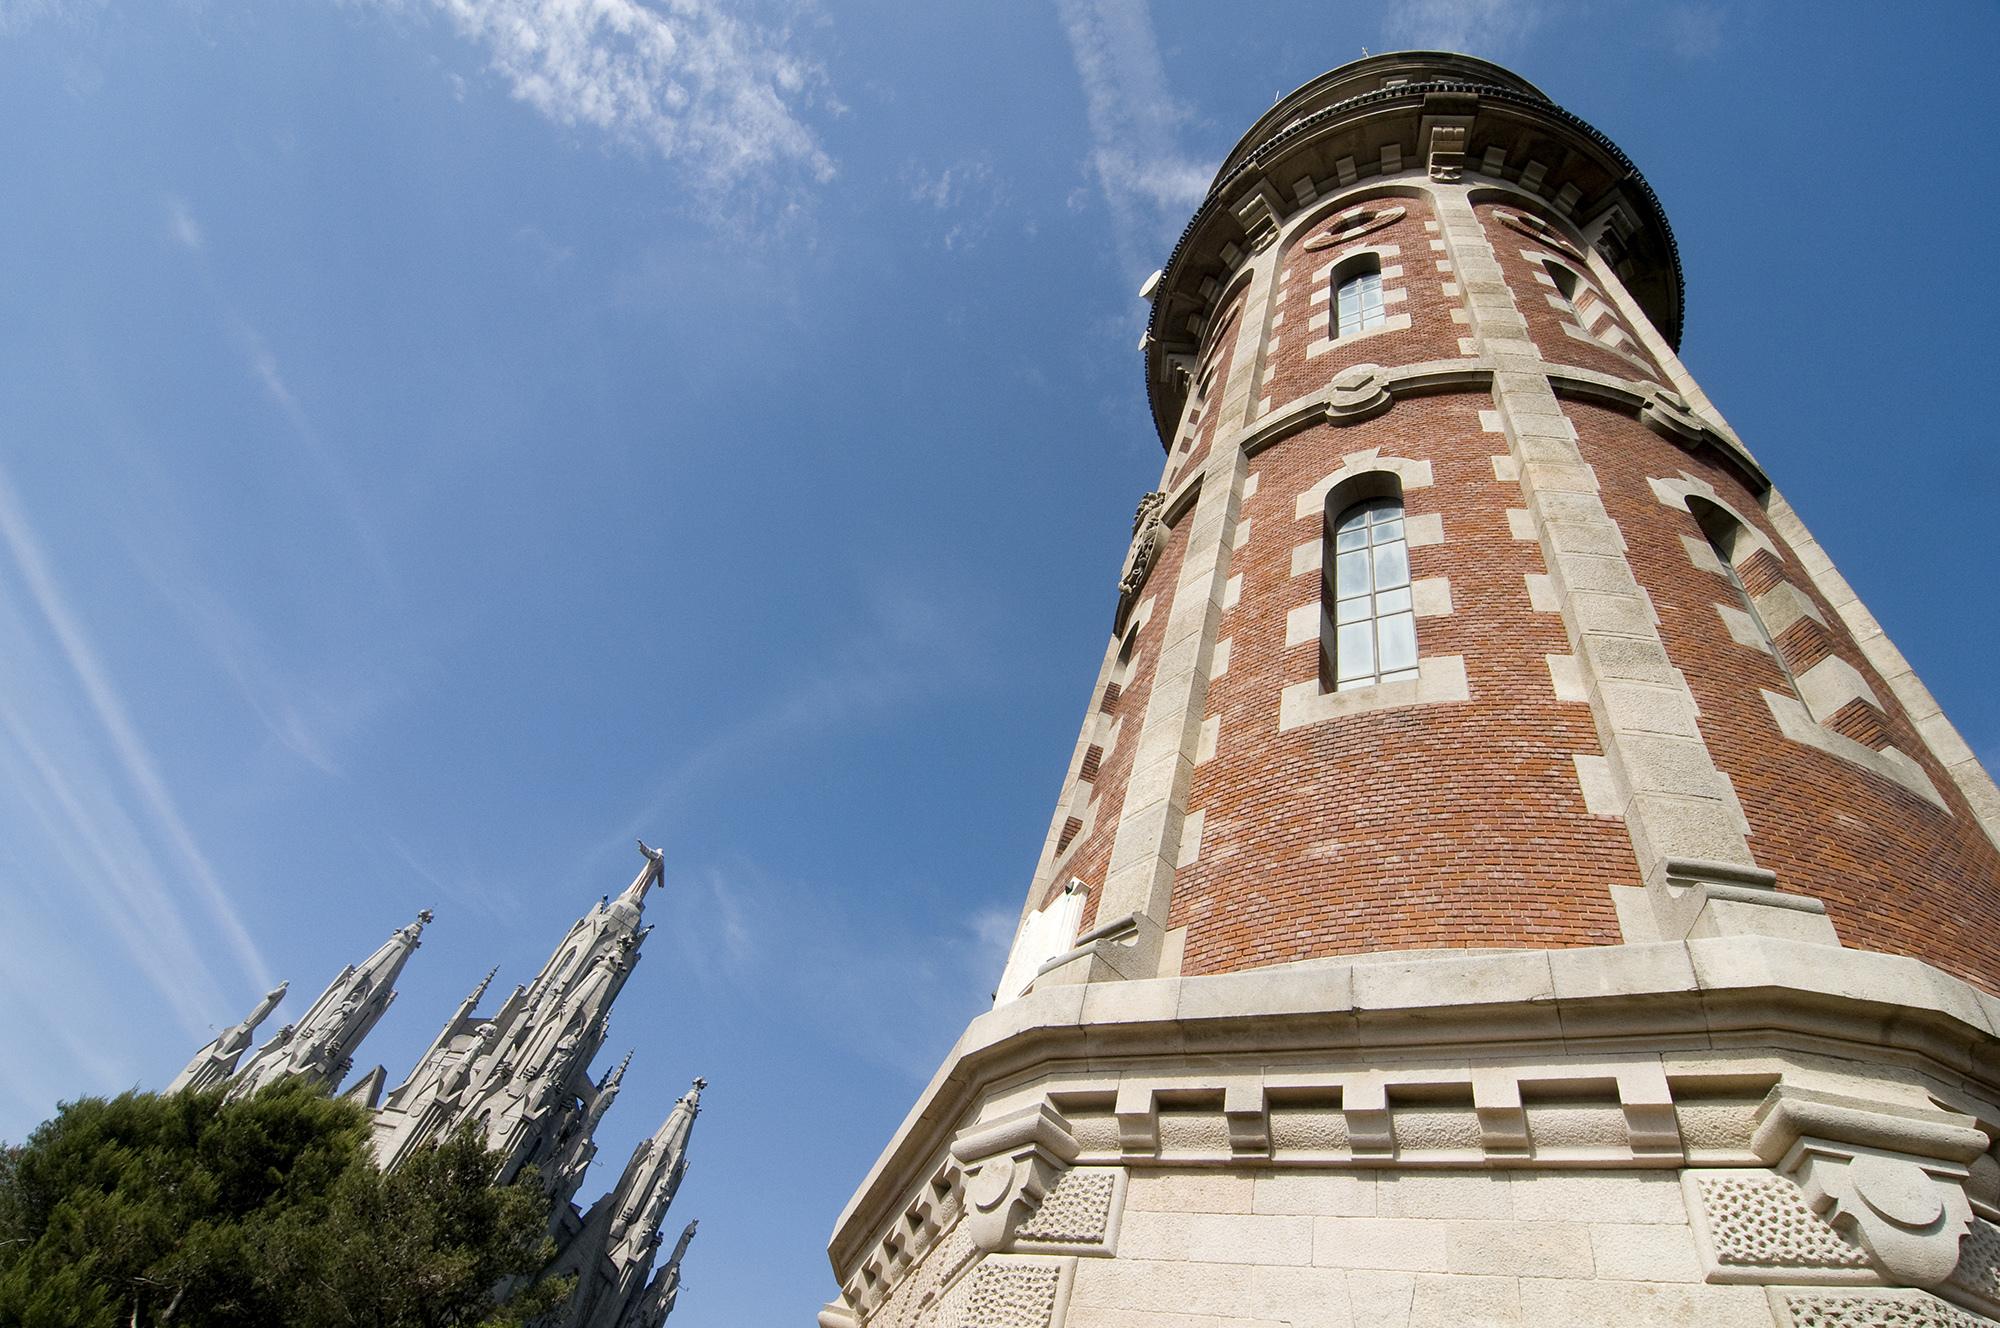 Torre de les Aigües del Tibidabo